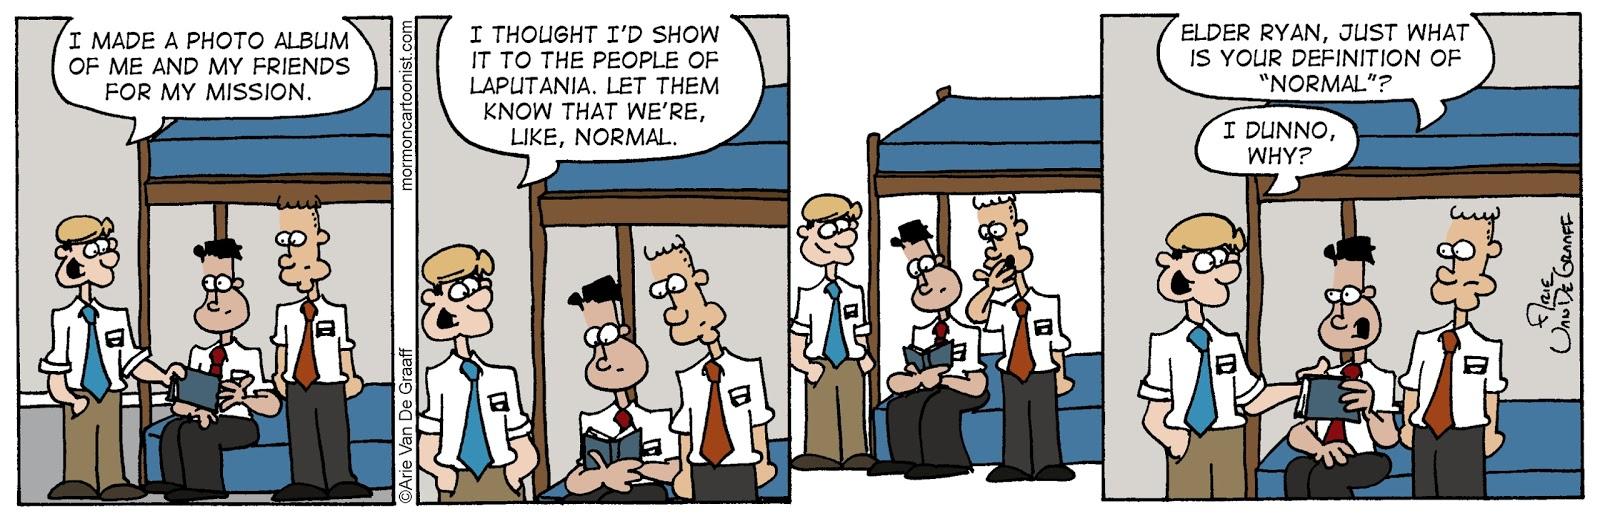 ward cartoonist: definition of normal